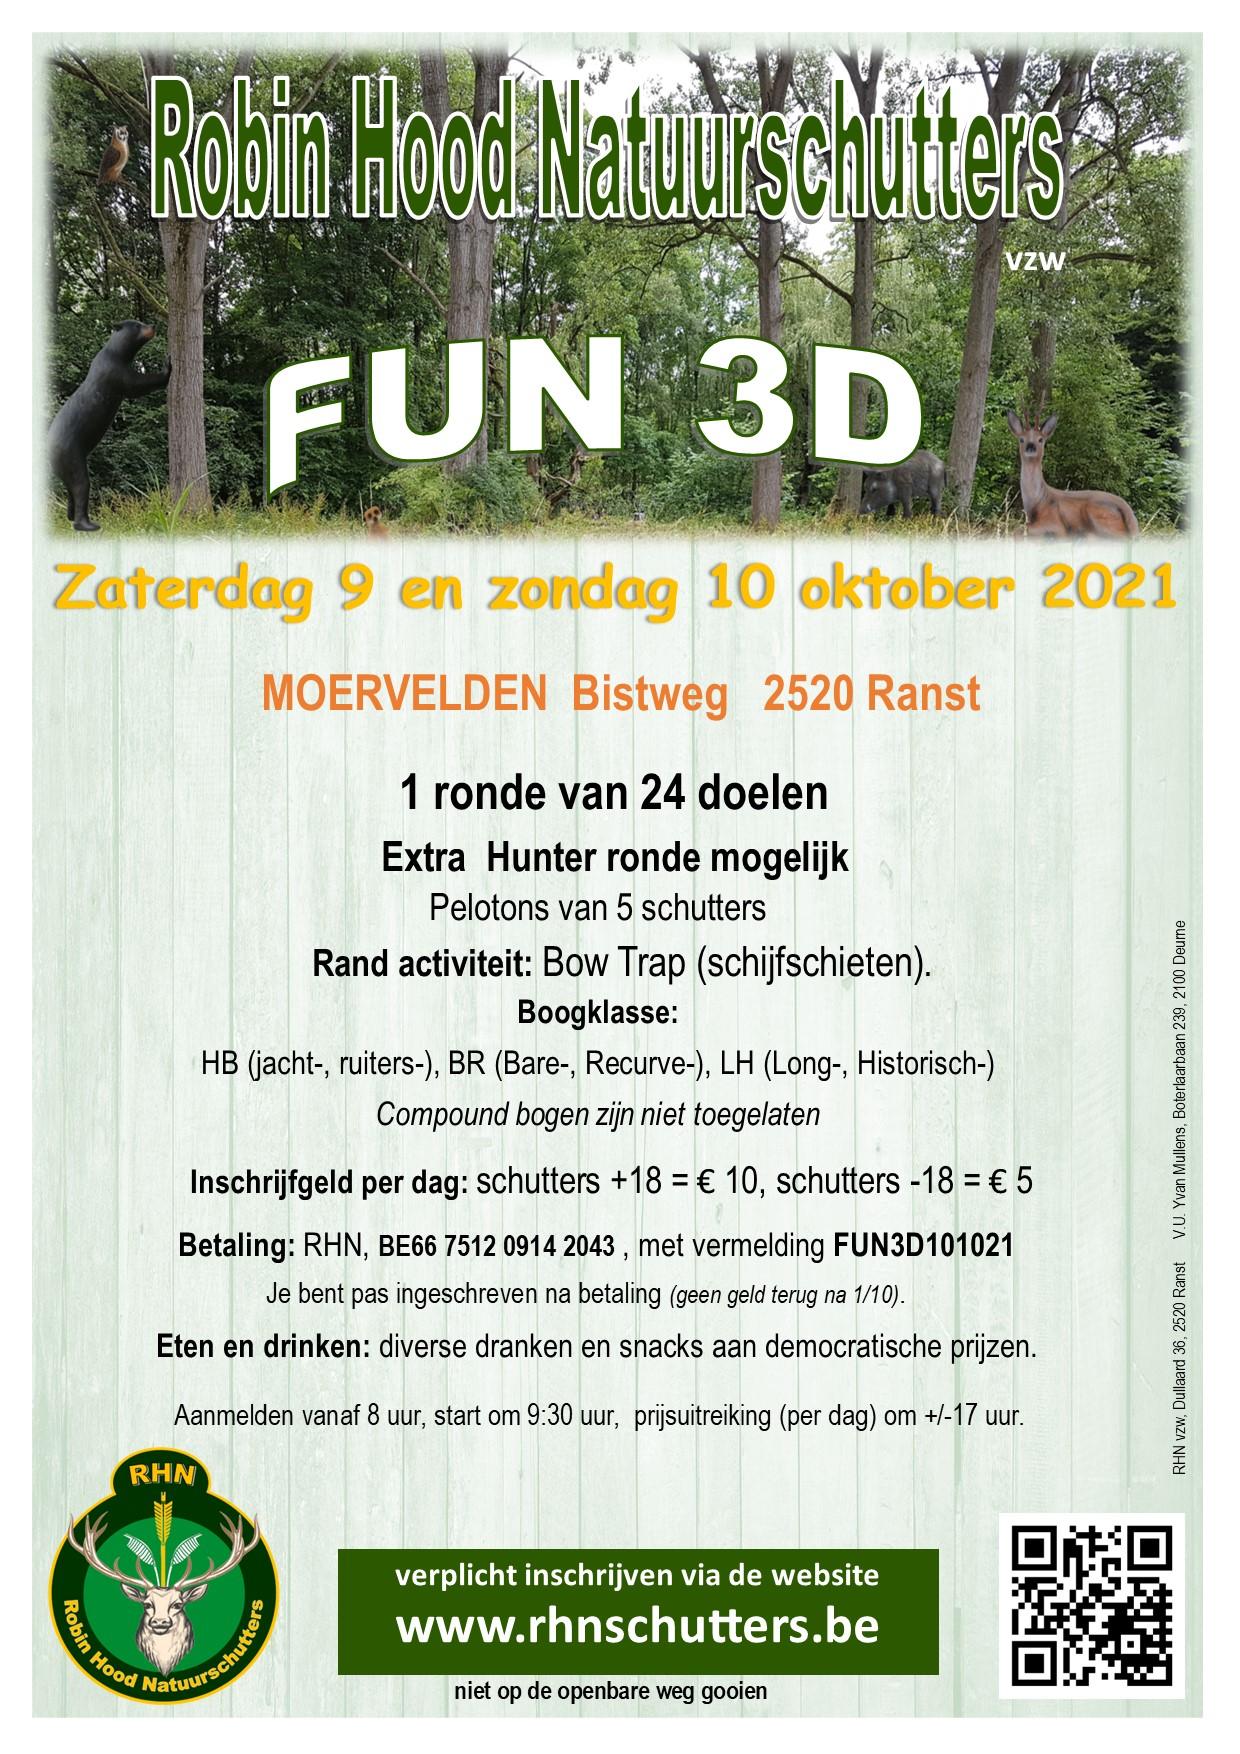 Fun 3D Robin Hood Natuurschutters @ Moervelden